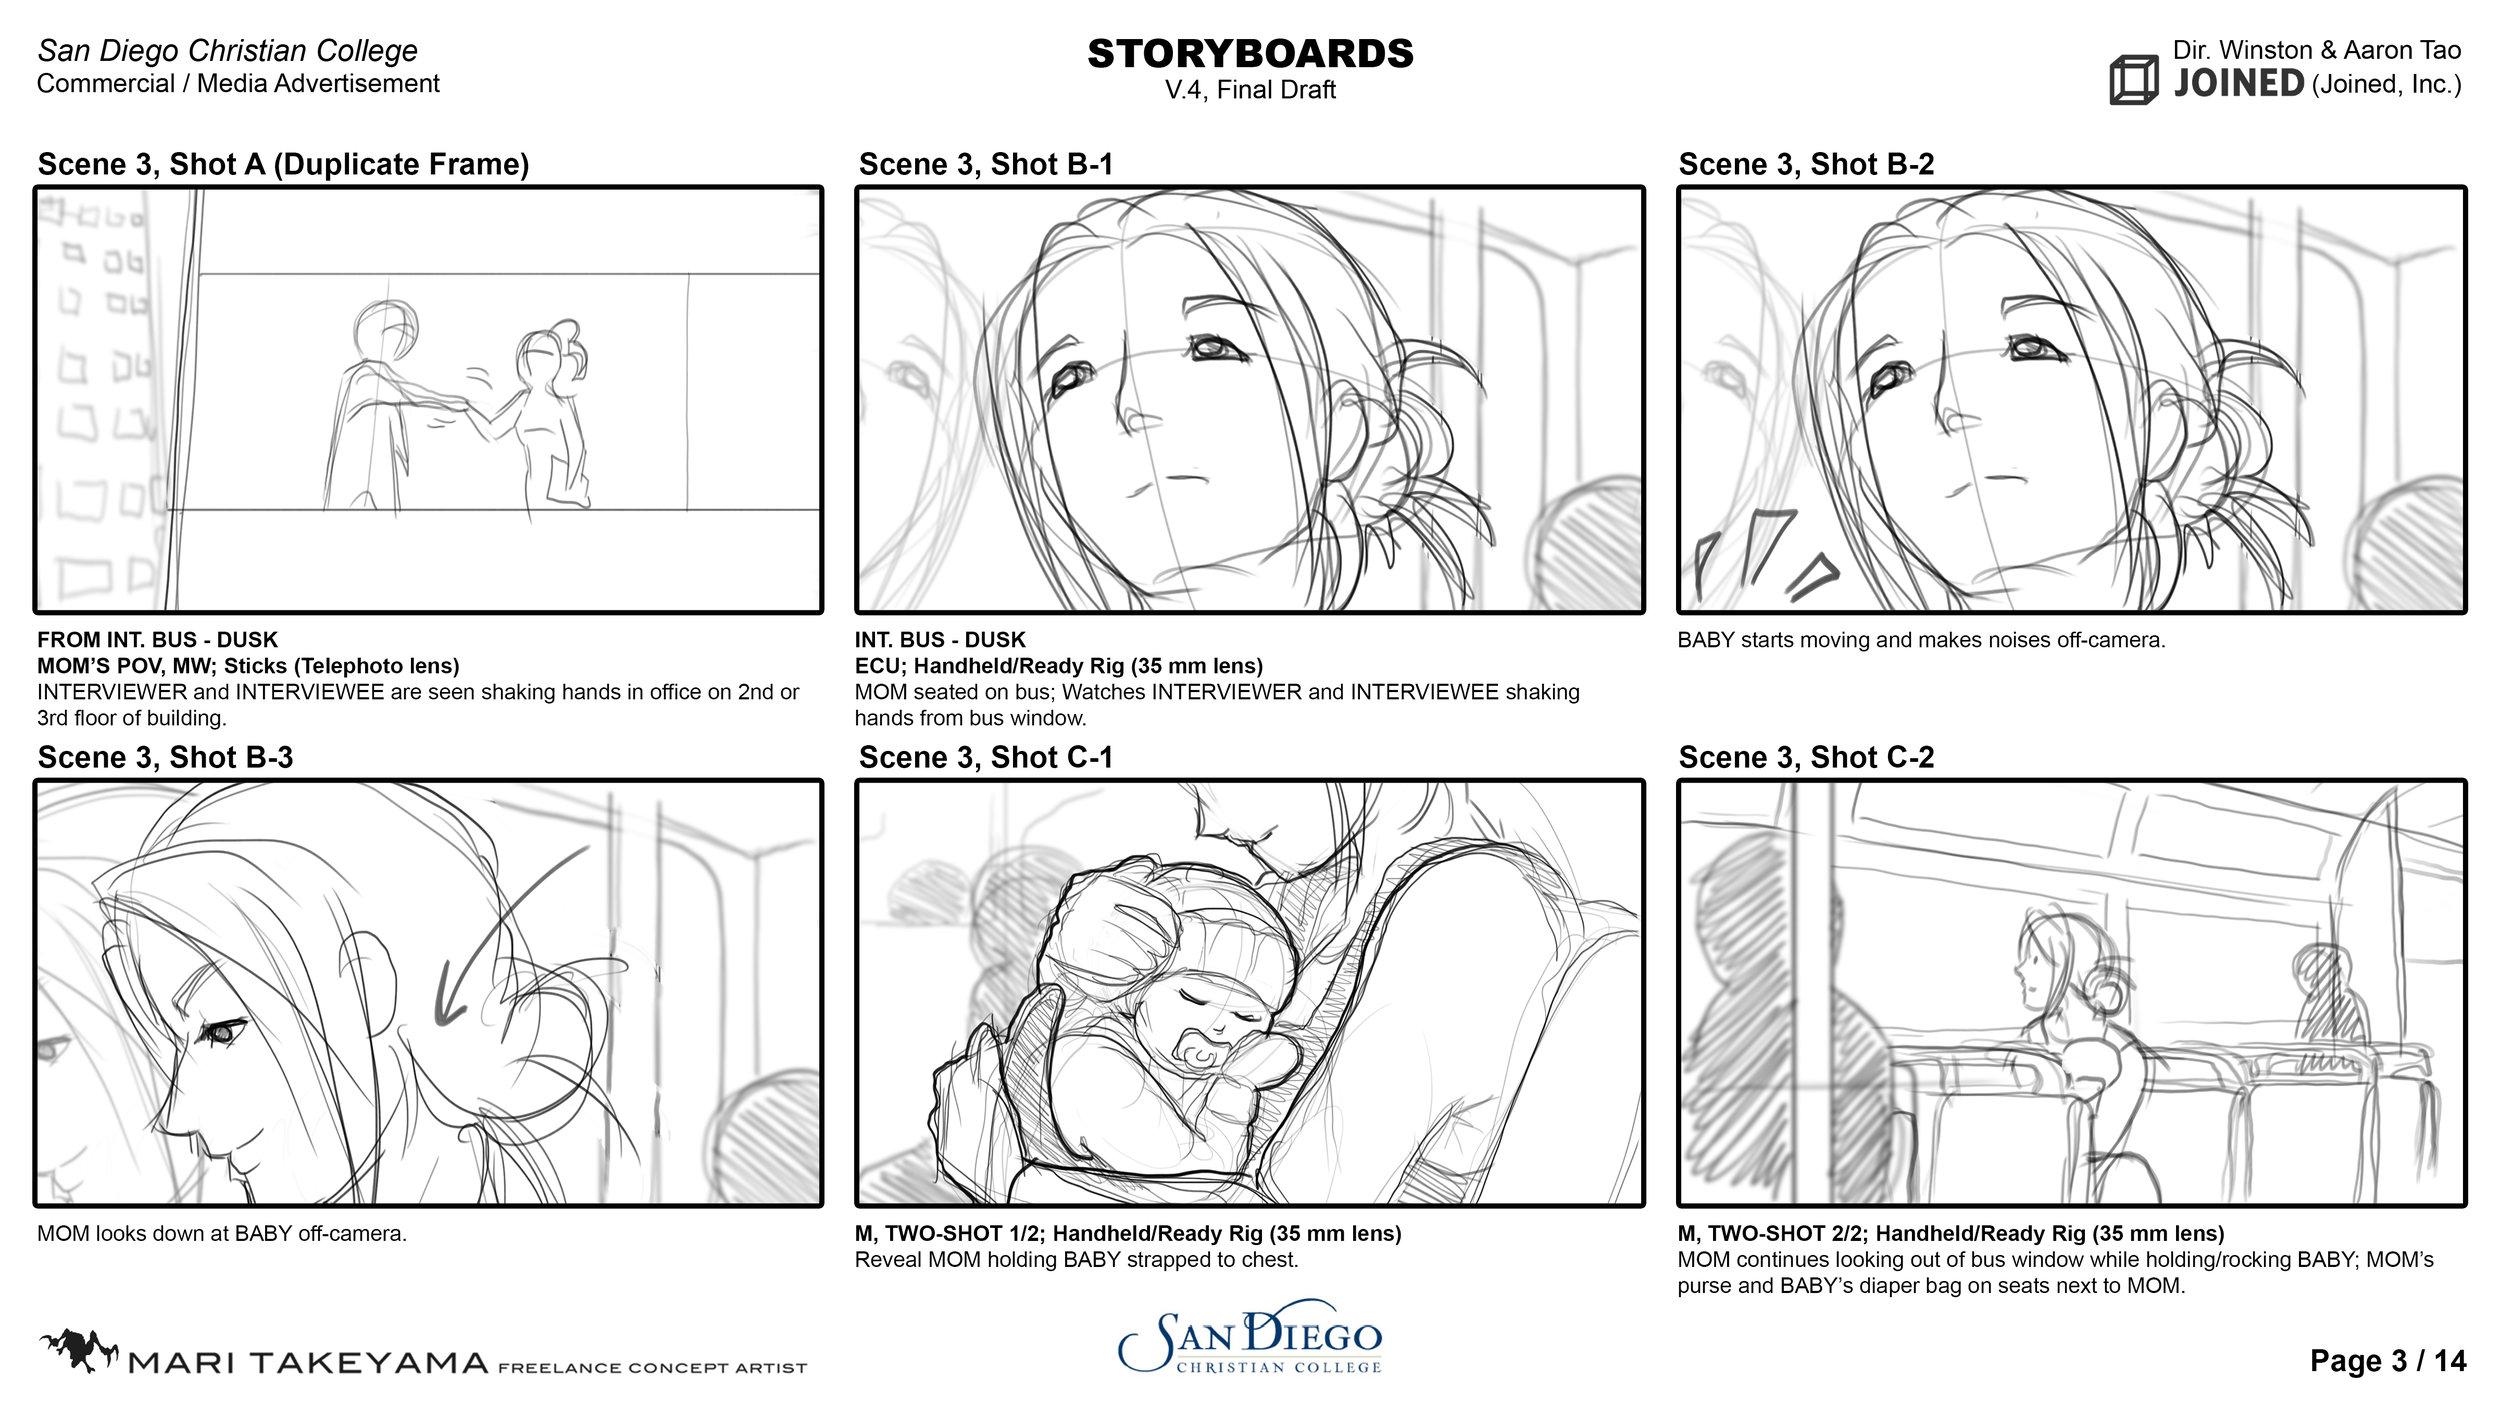 SDCC_Storyboards_FinalDraft_06.jpg